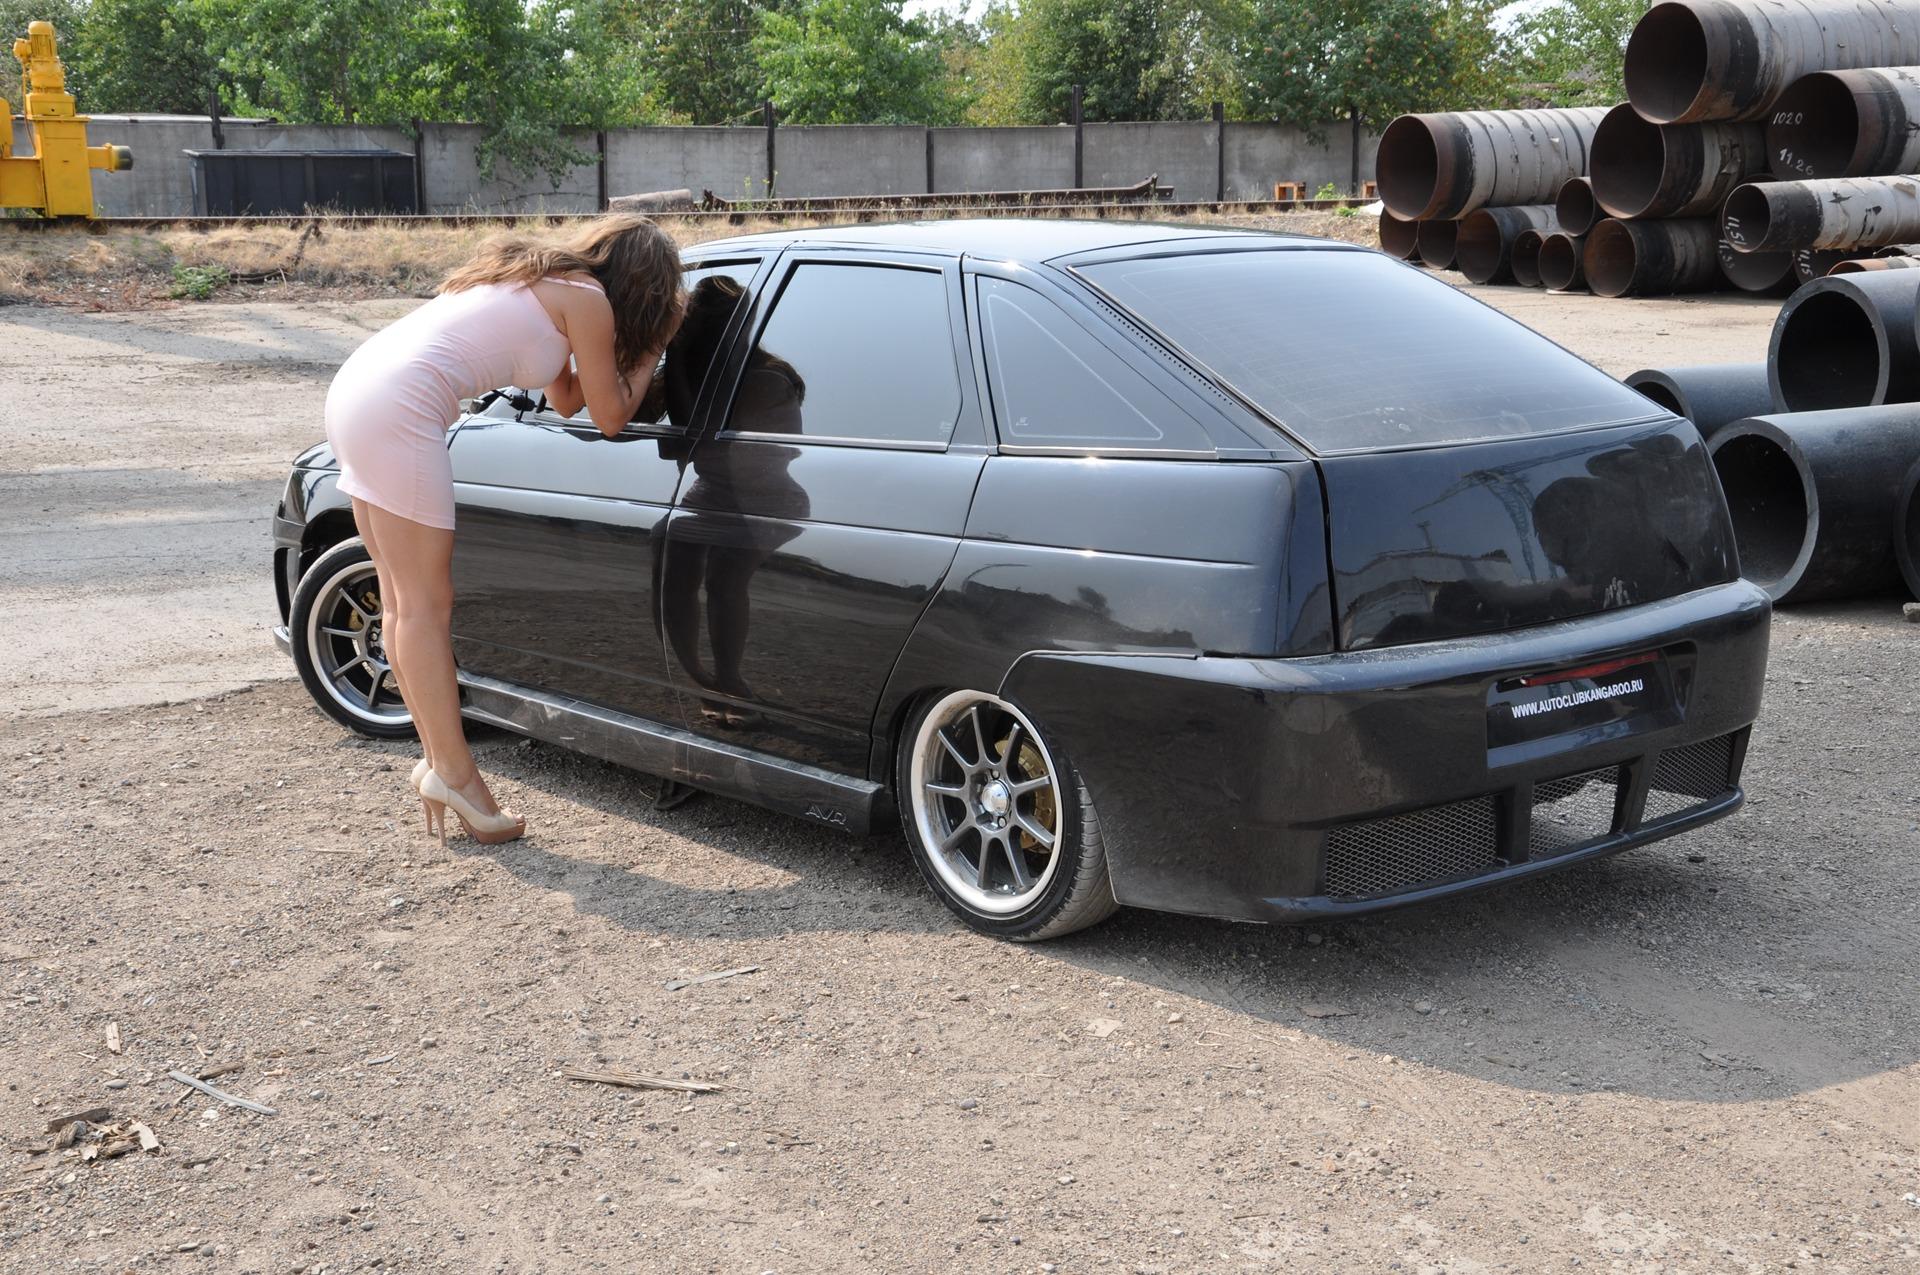 Секси девка около русского авто прома фото 22 фотография